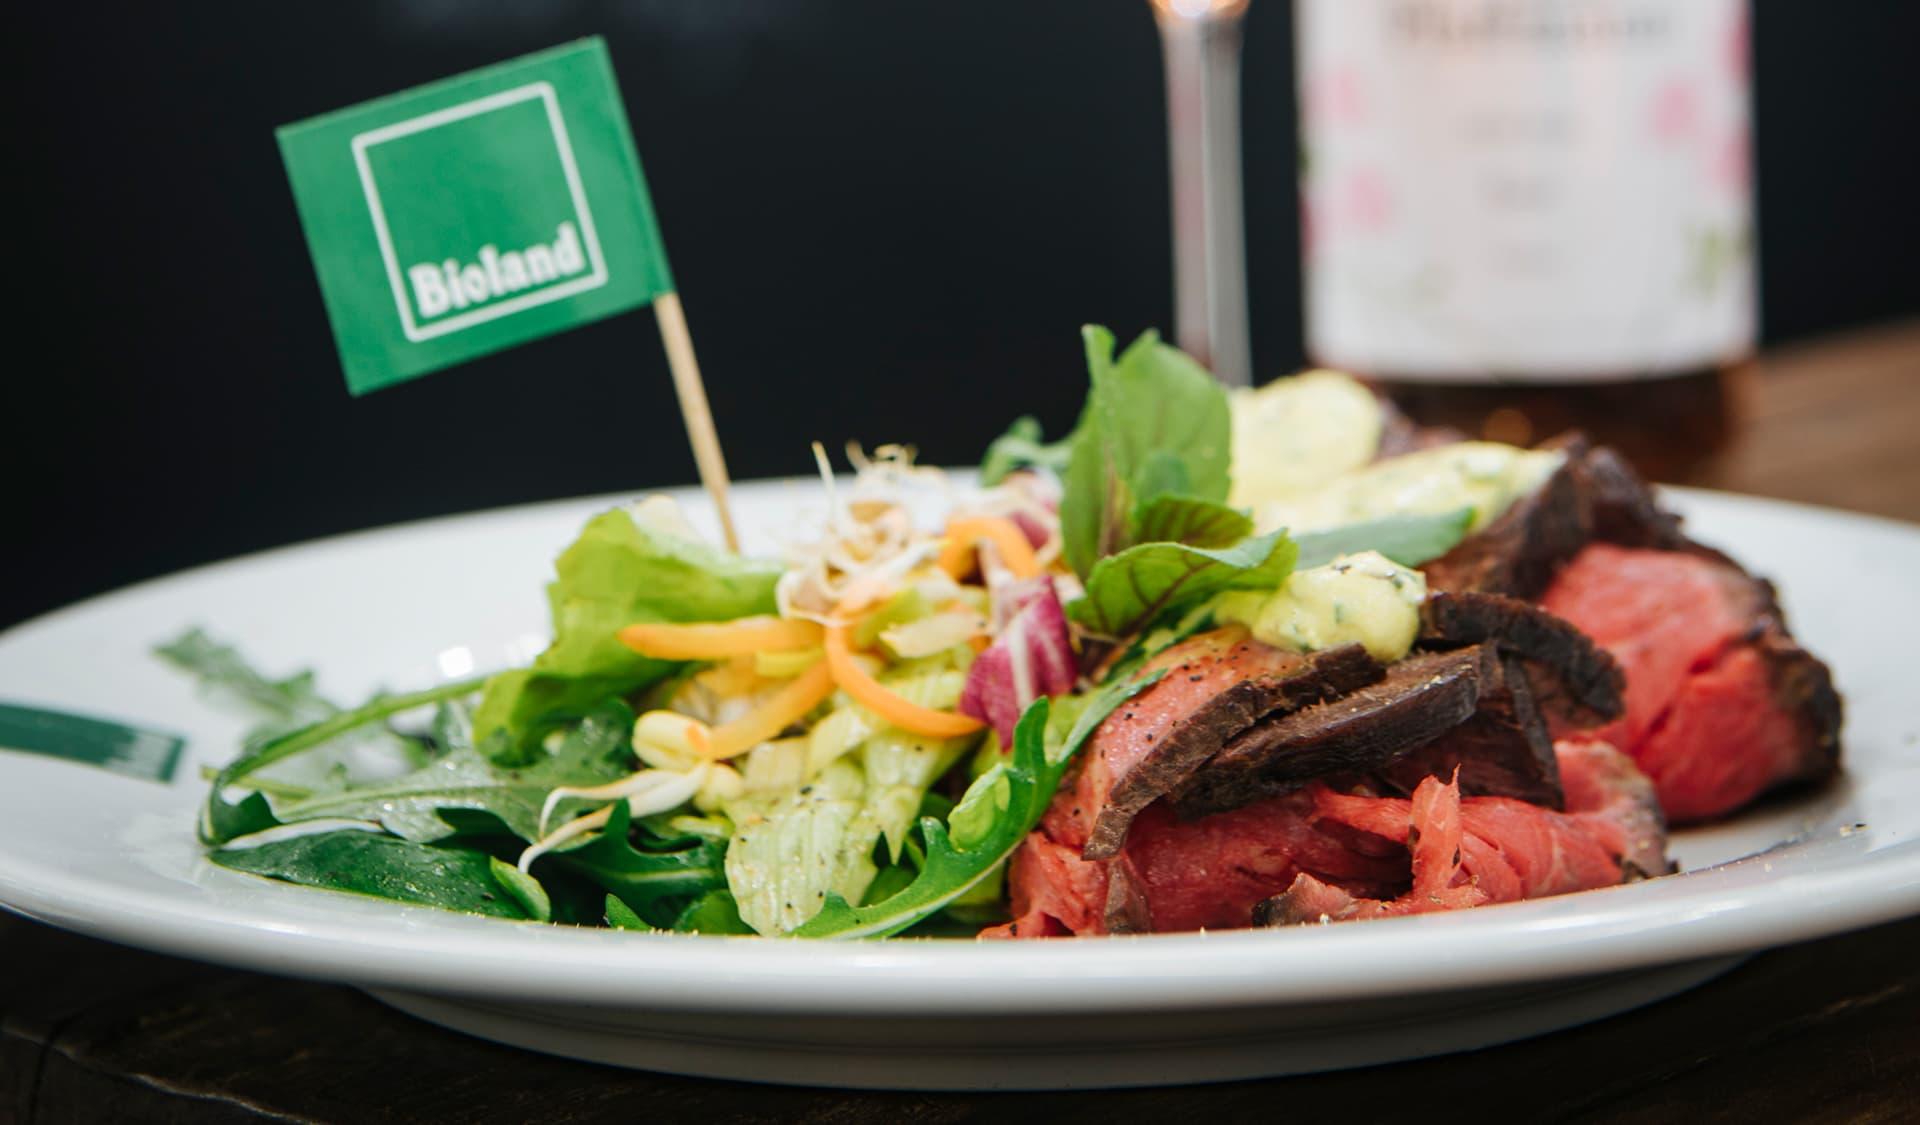 Salat und Rindfleisch auf einem Teller mit Bioland-Fähnchen